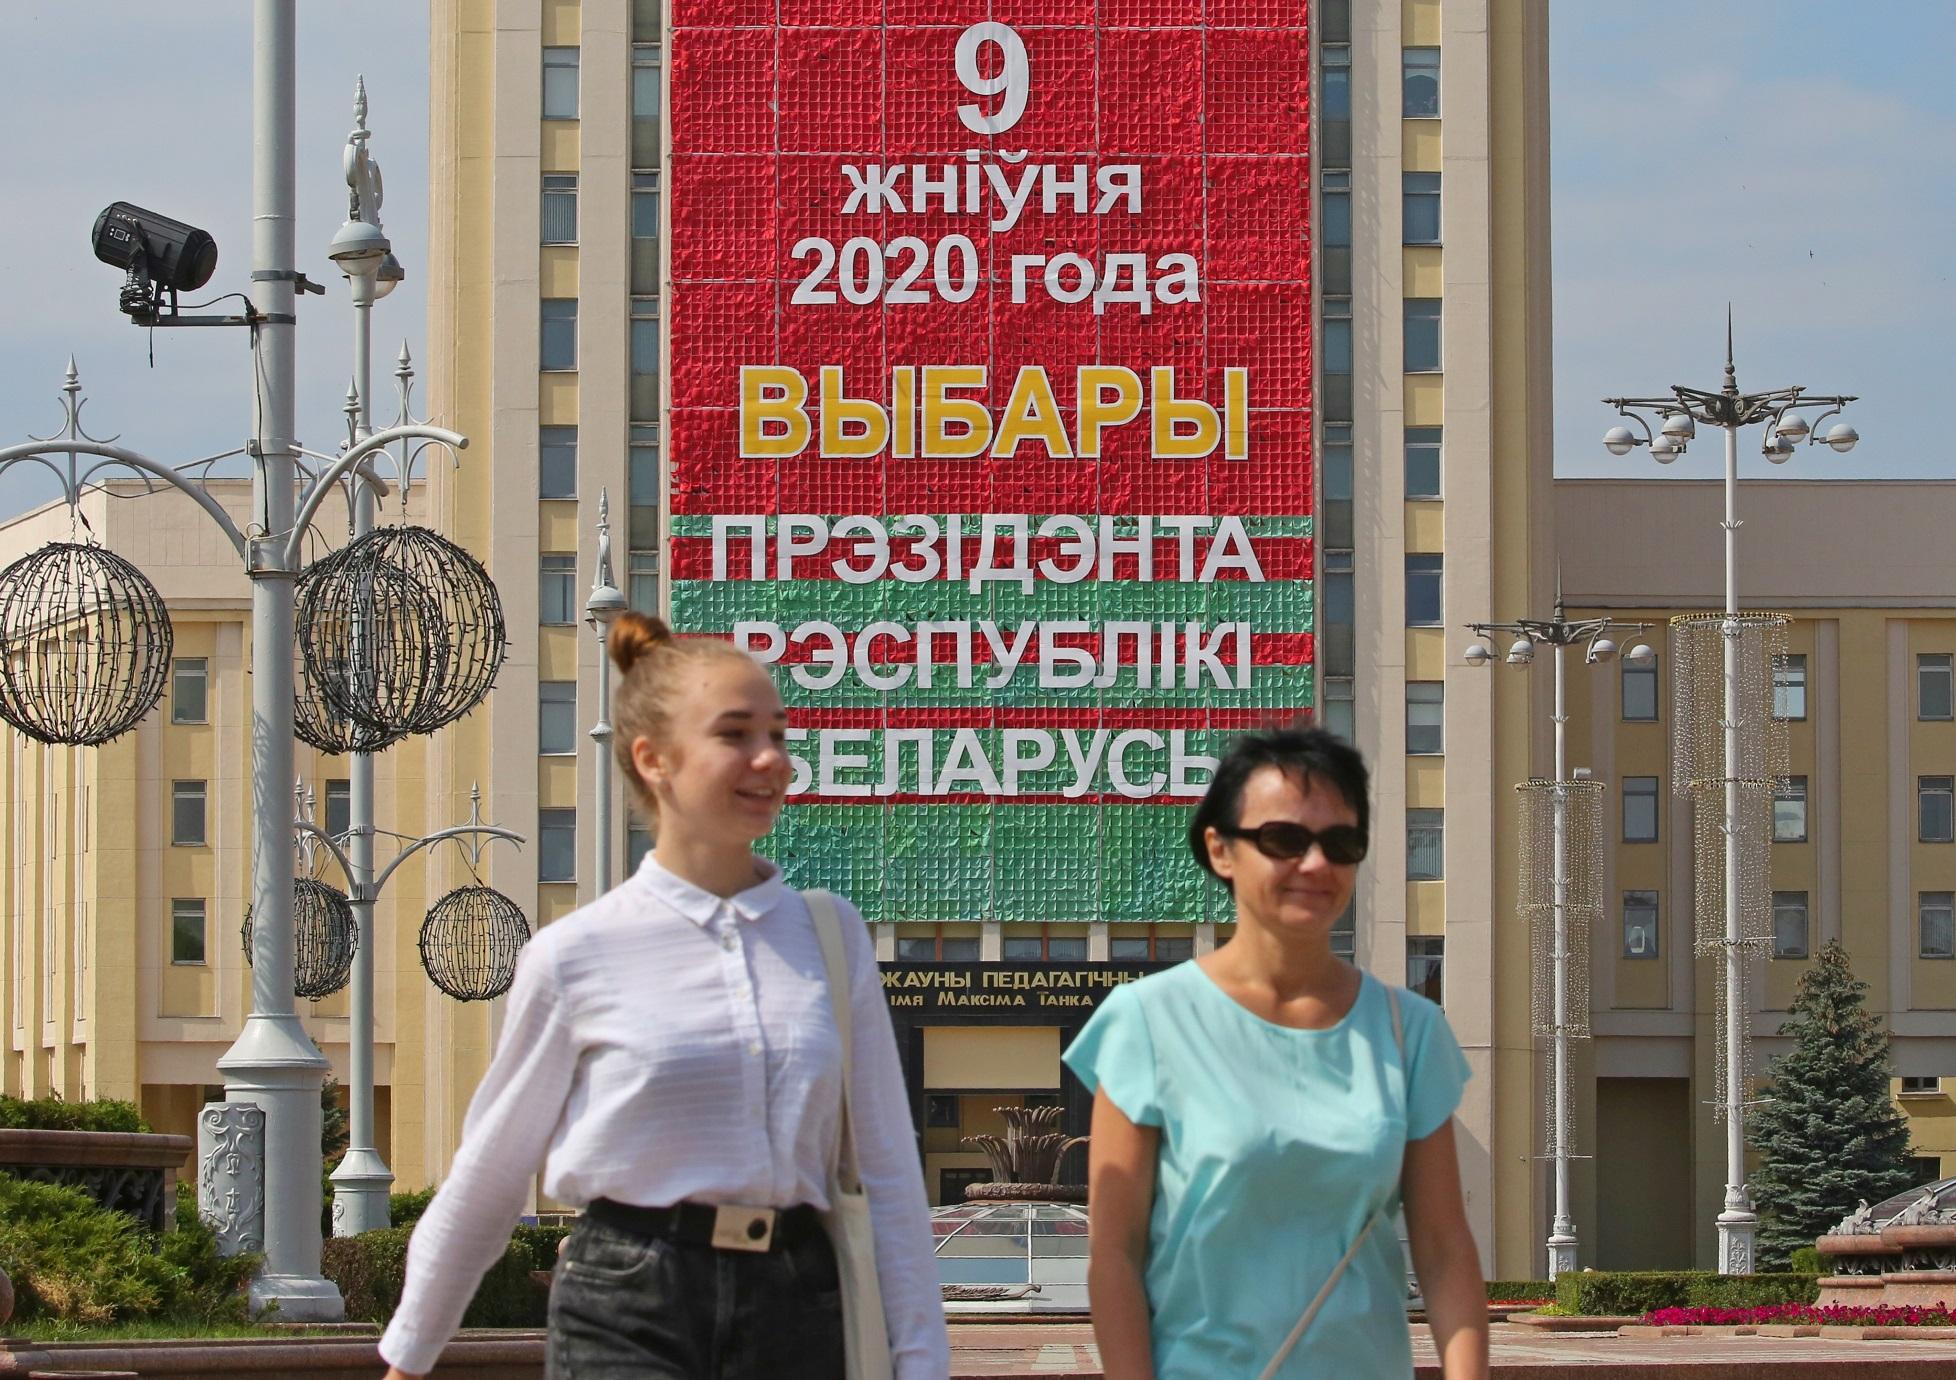 (国际)(2)白俄罗斯将举行总统选举(3941418)-20200730184501.JPG